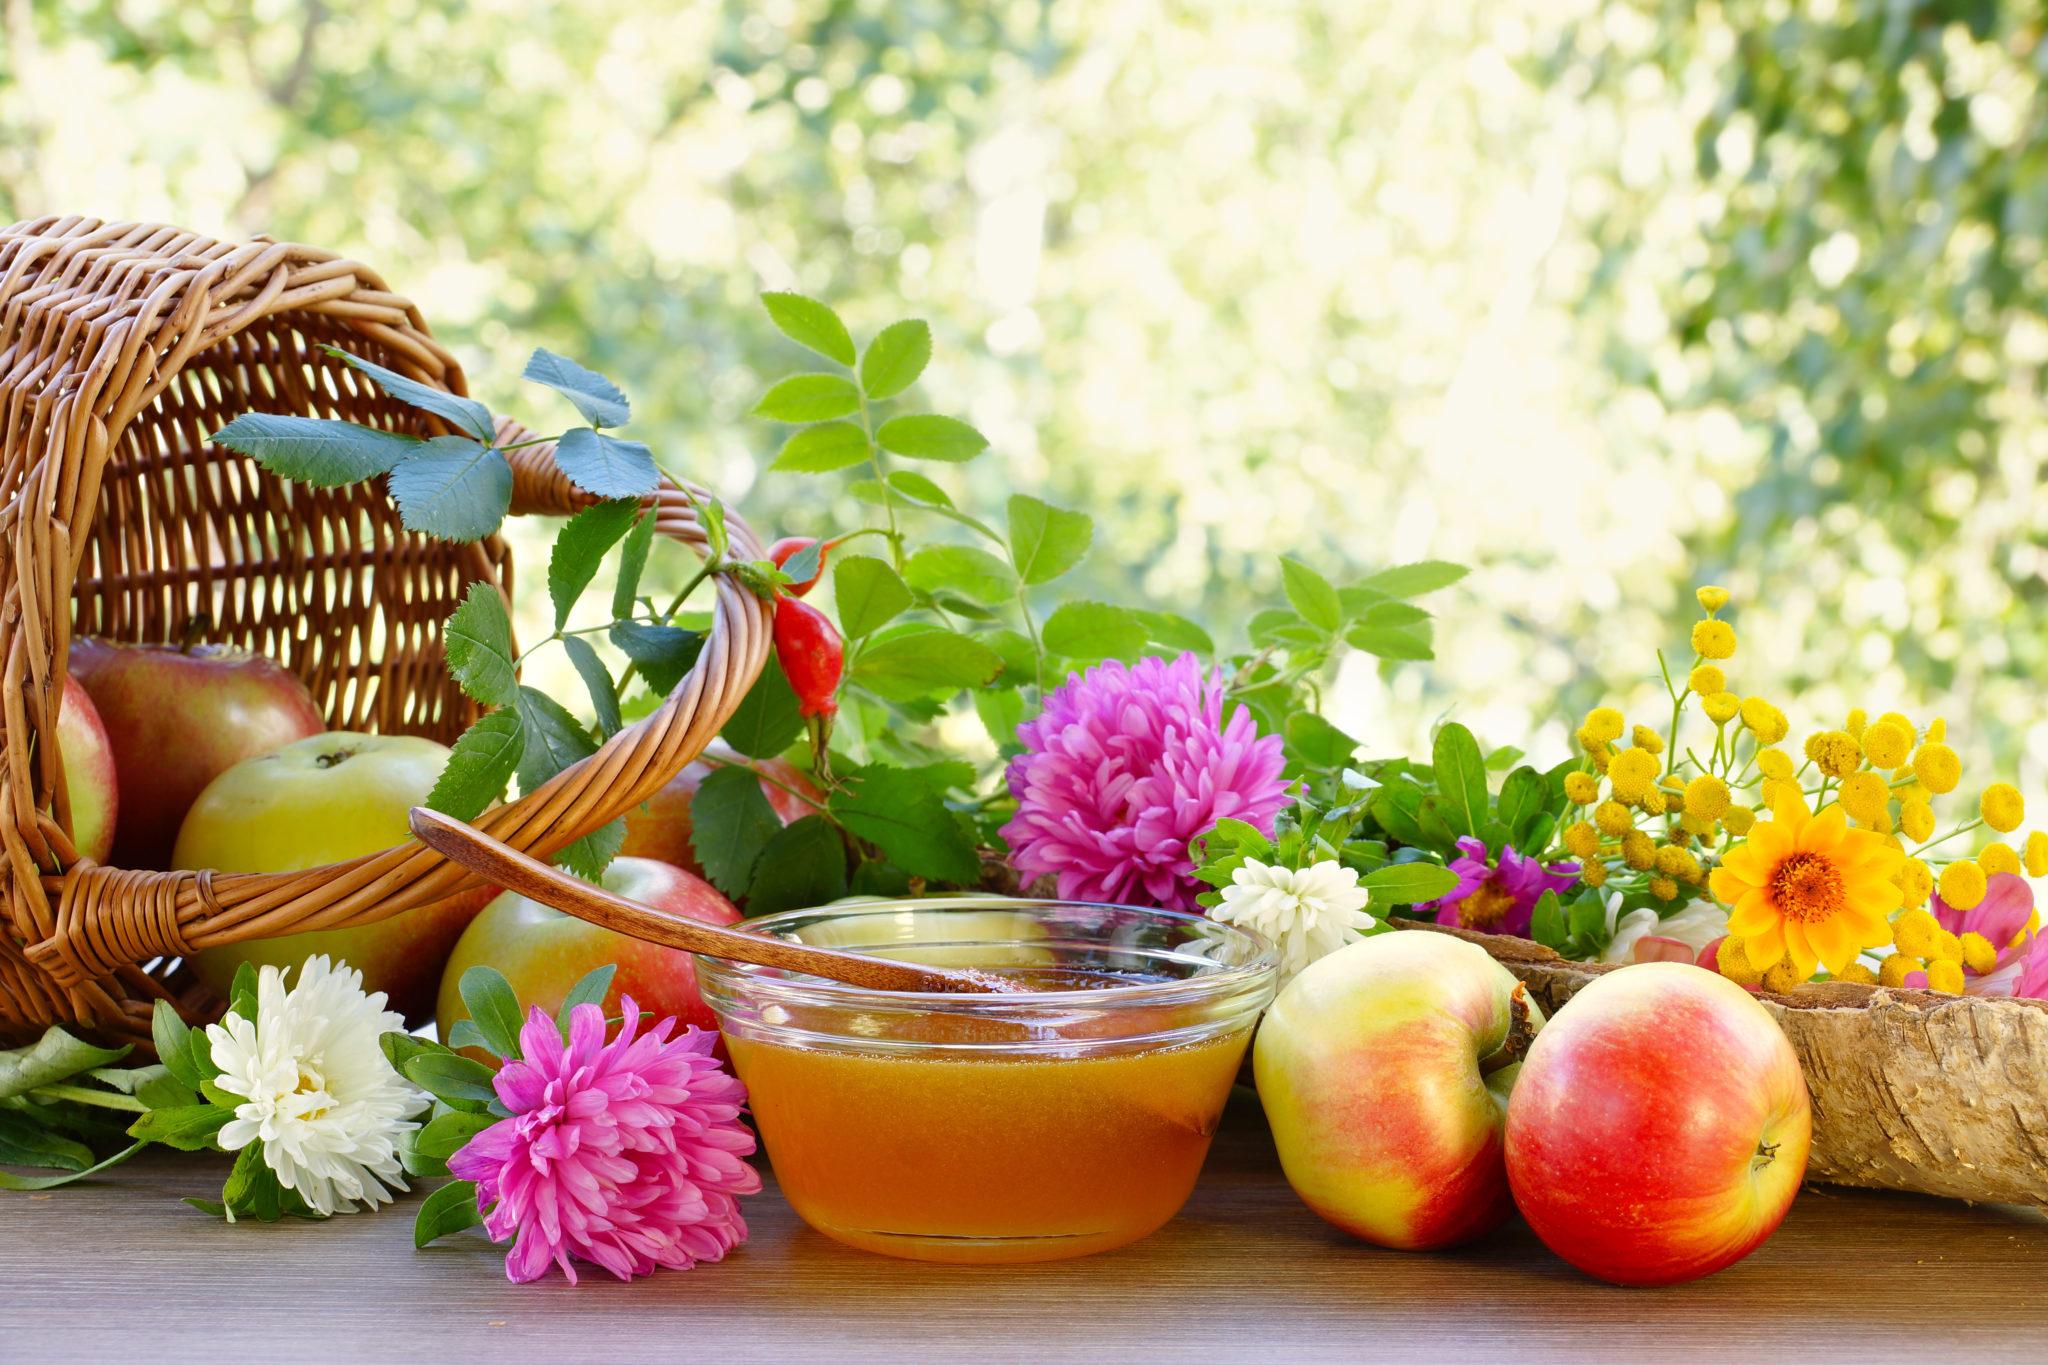 Медовый Спас, ореховый и яблочный